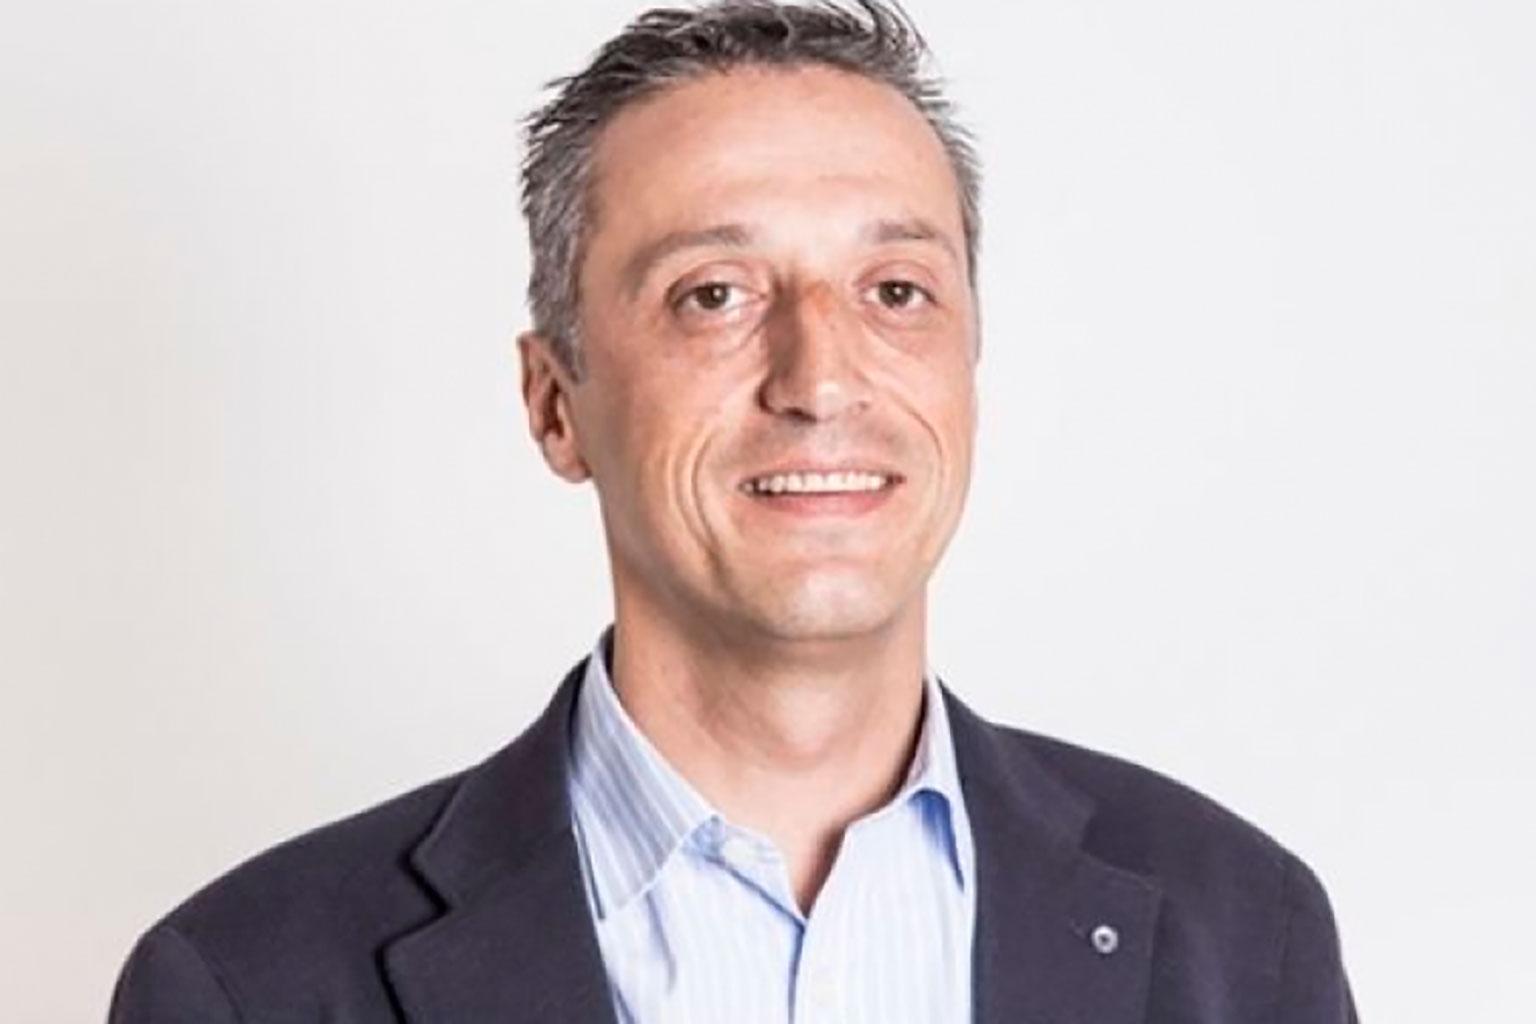 Entrevista a Sergio Fernández de Tejada, Director General en Scanbuy España